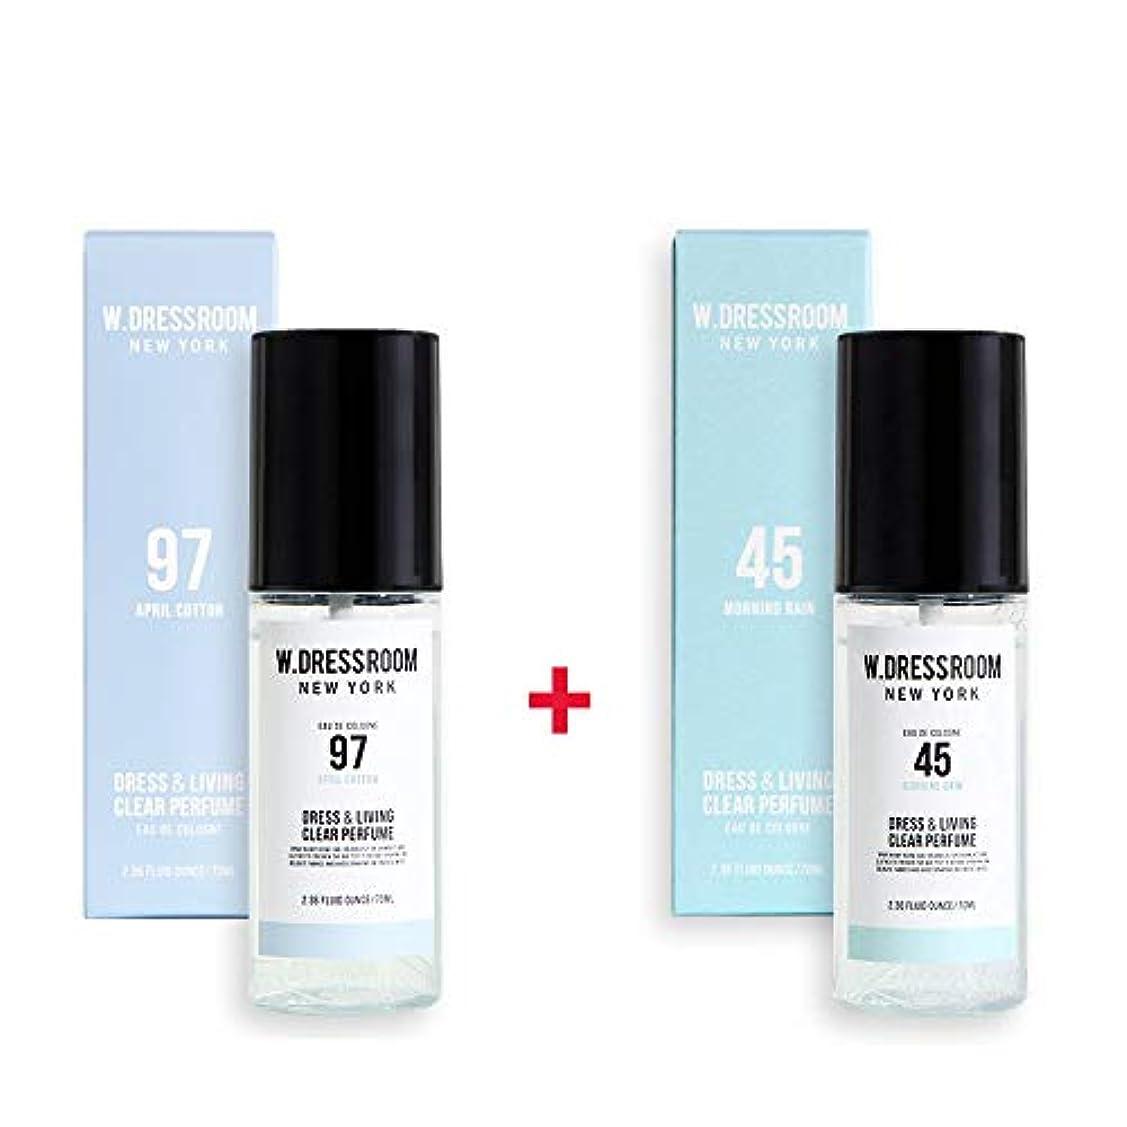 お別れ耐える信頼W.DRESSROOM Dress & Living Clear Perfume 70ml (No 97 April Cotton)+(No 45 Morning Rain)